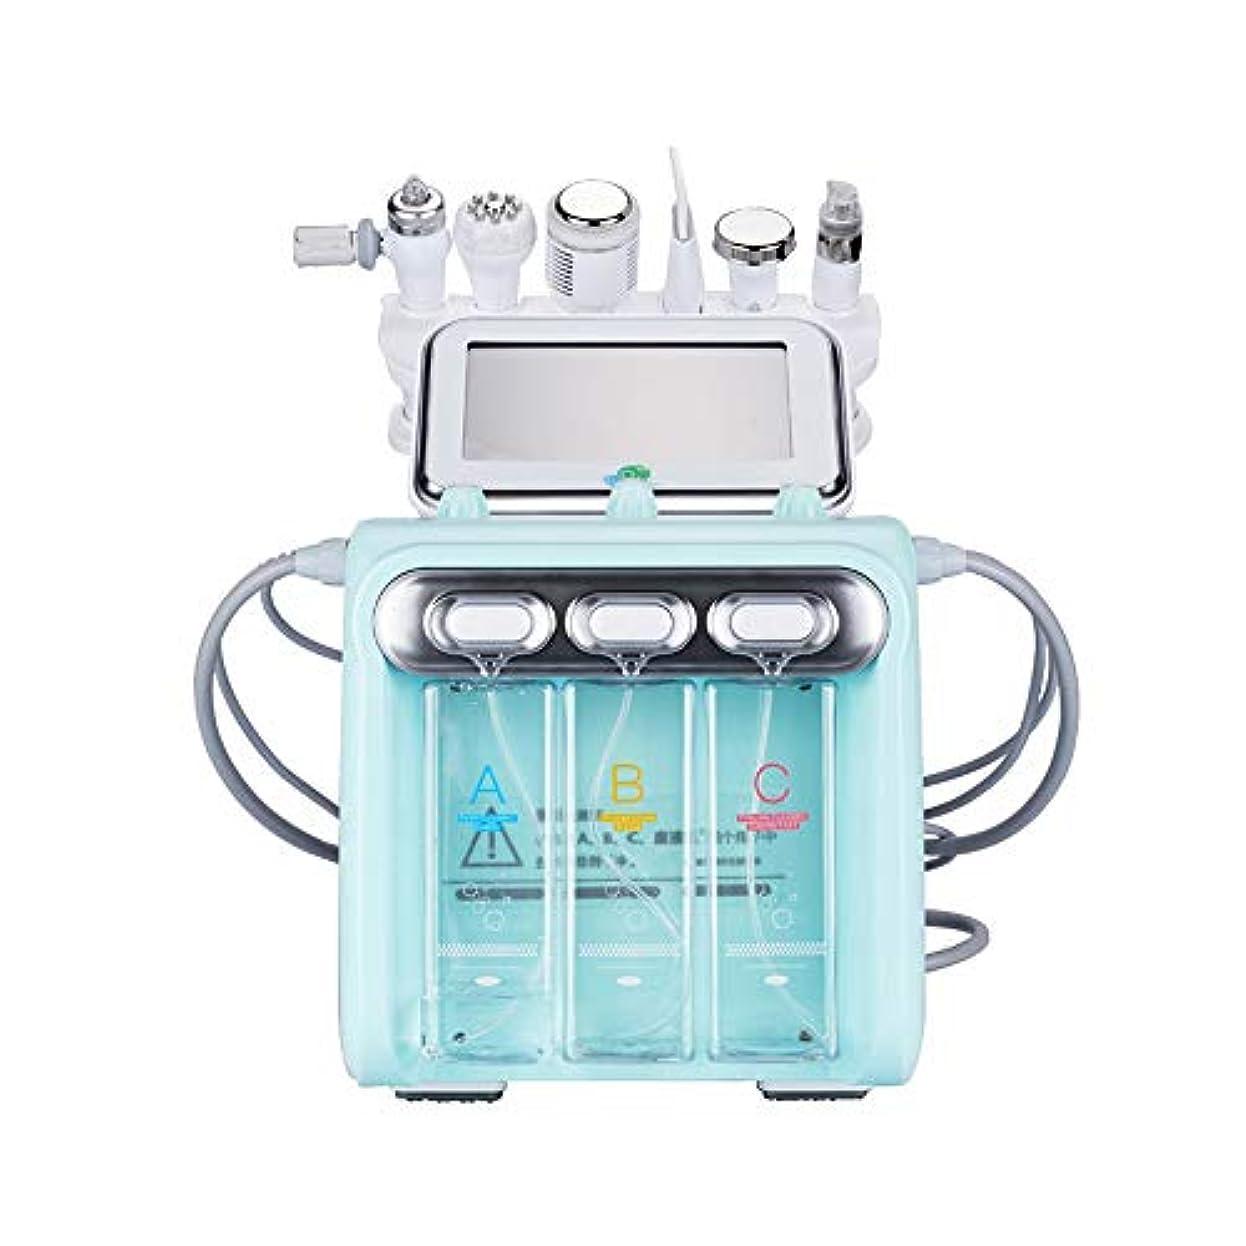 誘うかなりのモードリン1つの多機能スキンクリーナーの水素酸素小さなバブルhydrofacial 6